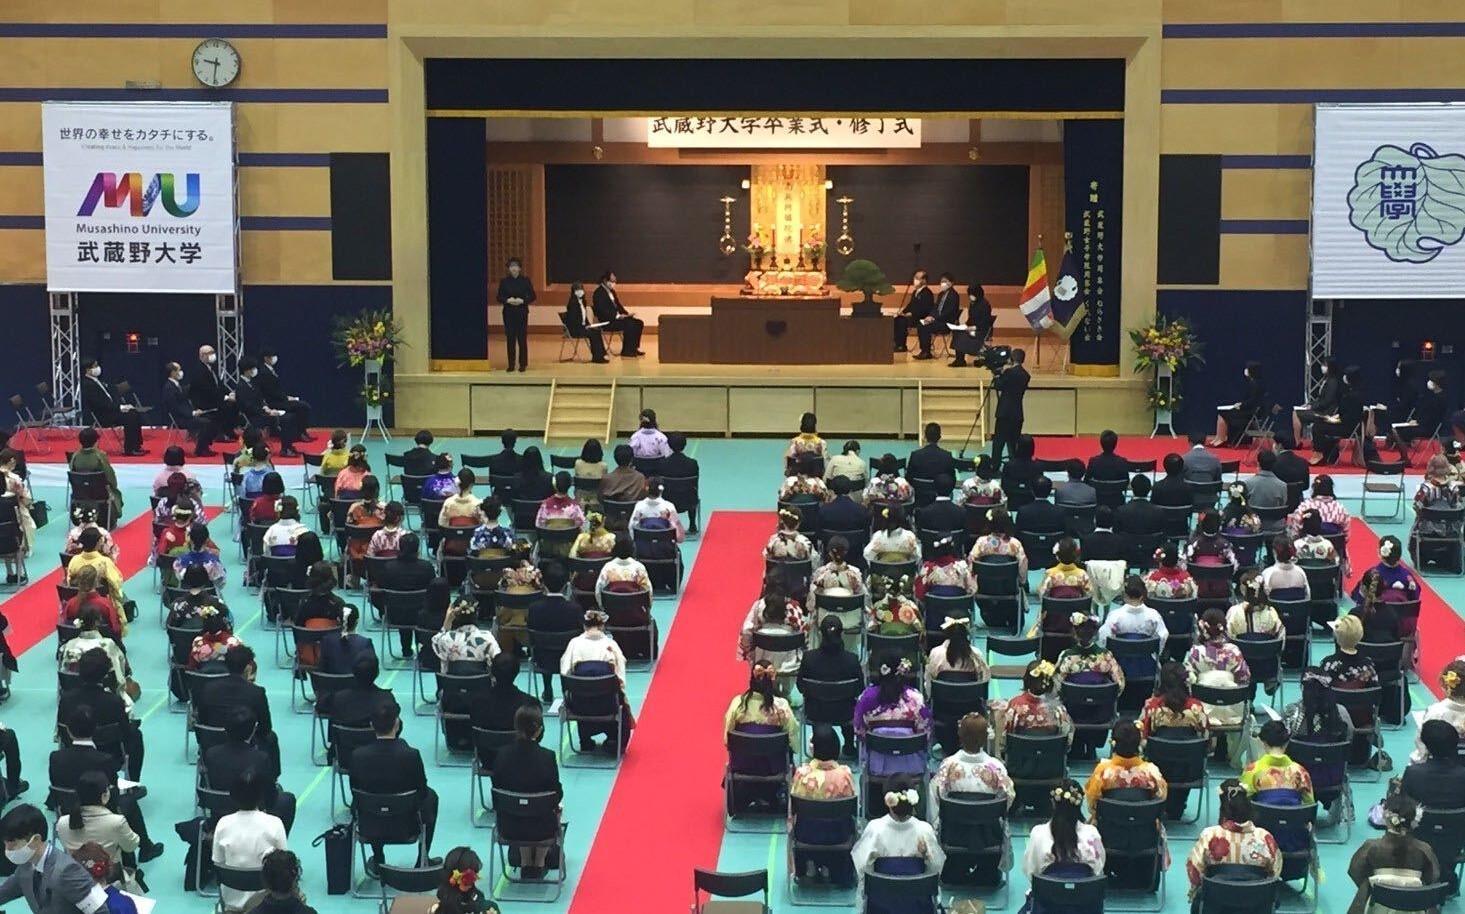 令和2年度入学生(新2年生)対象の「入学式」を4月4日開催 -- コロナ対策を徹底し、武蔵野キャンパスにて対面で実施 --